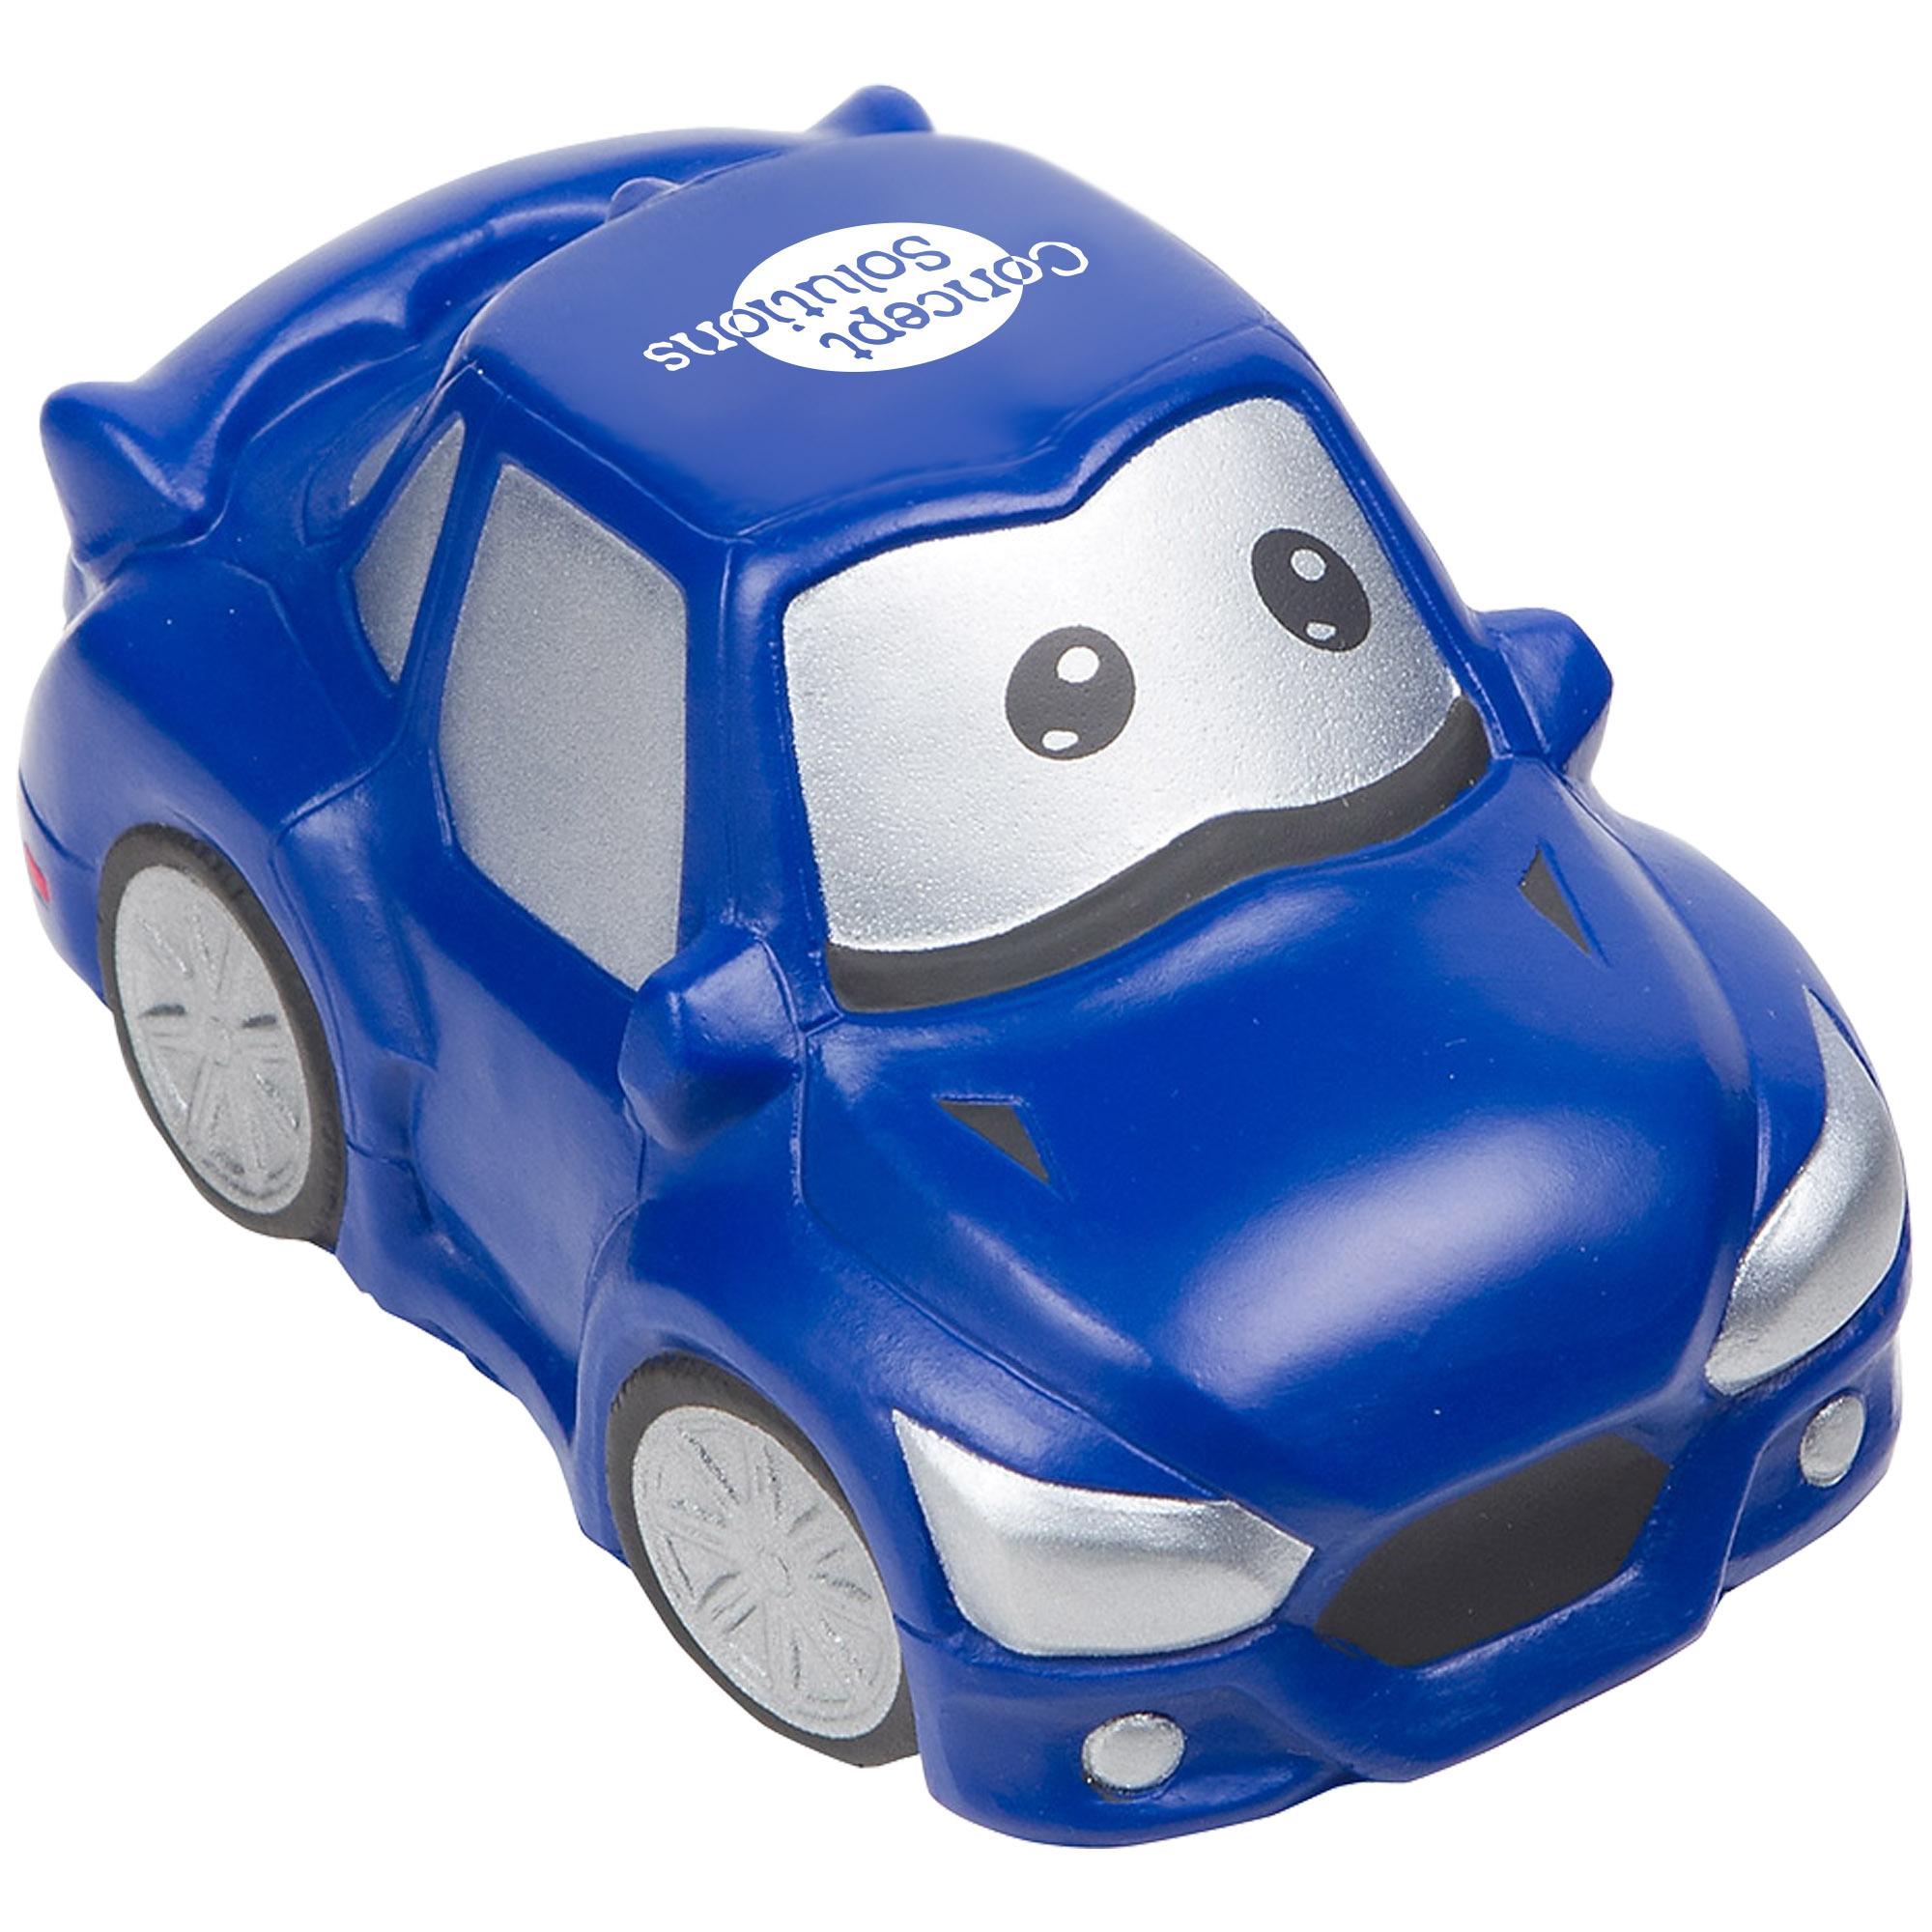 Cute Blue Car Stress Reliever